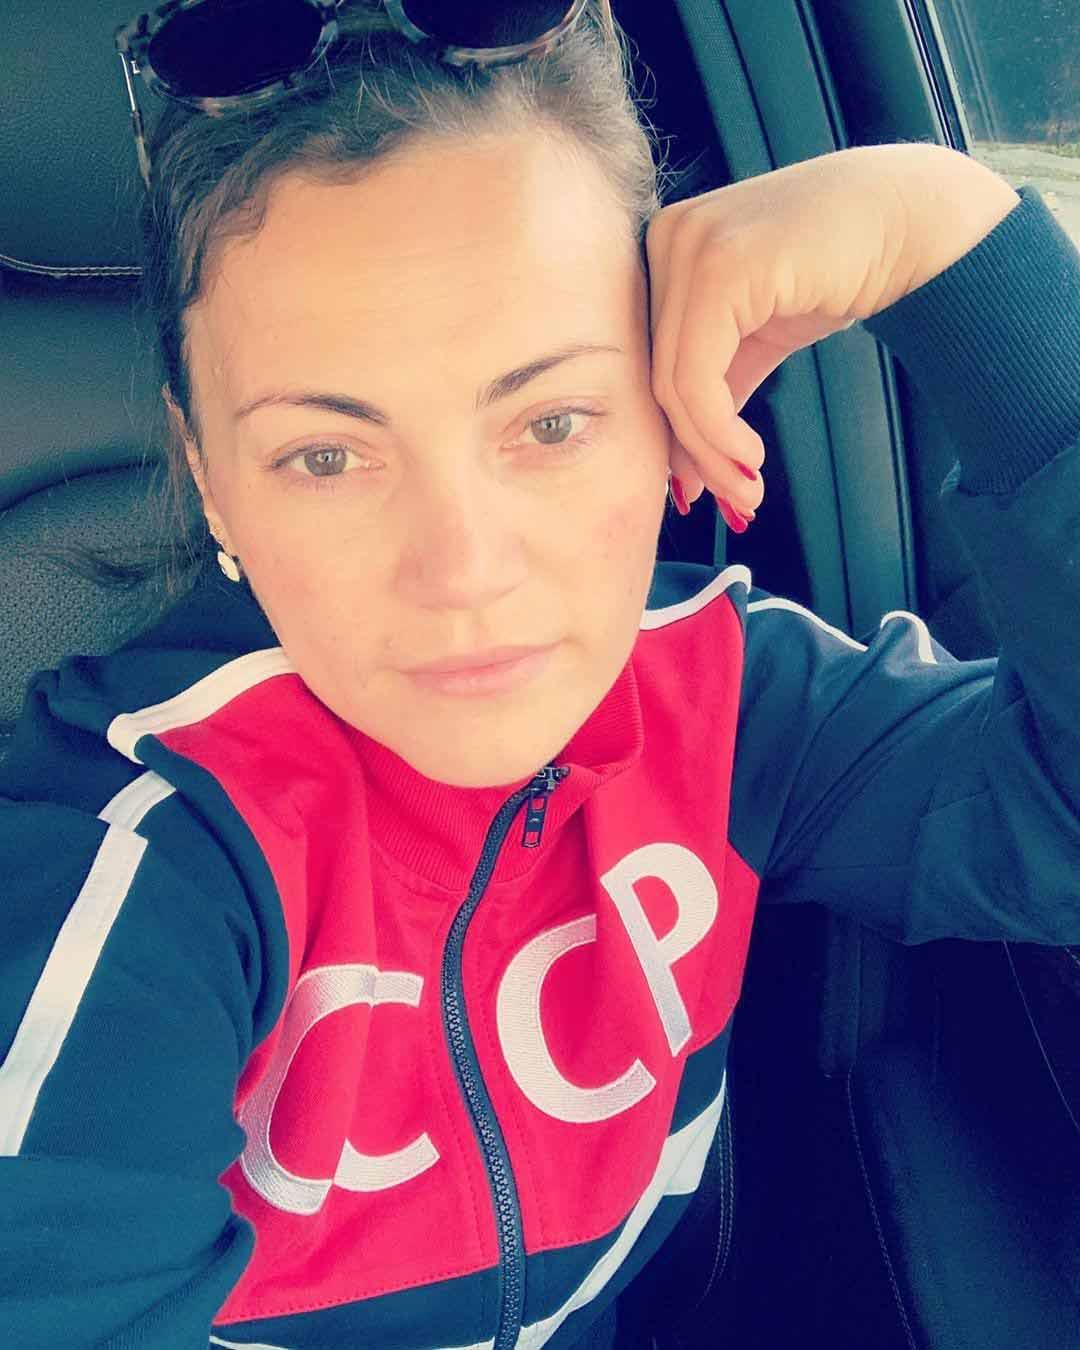 kalina_helen Русич Спорт